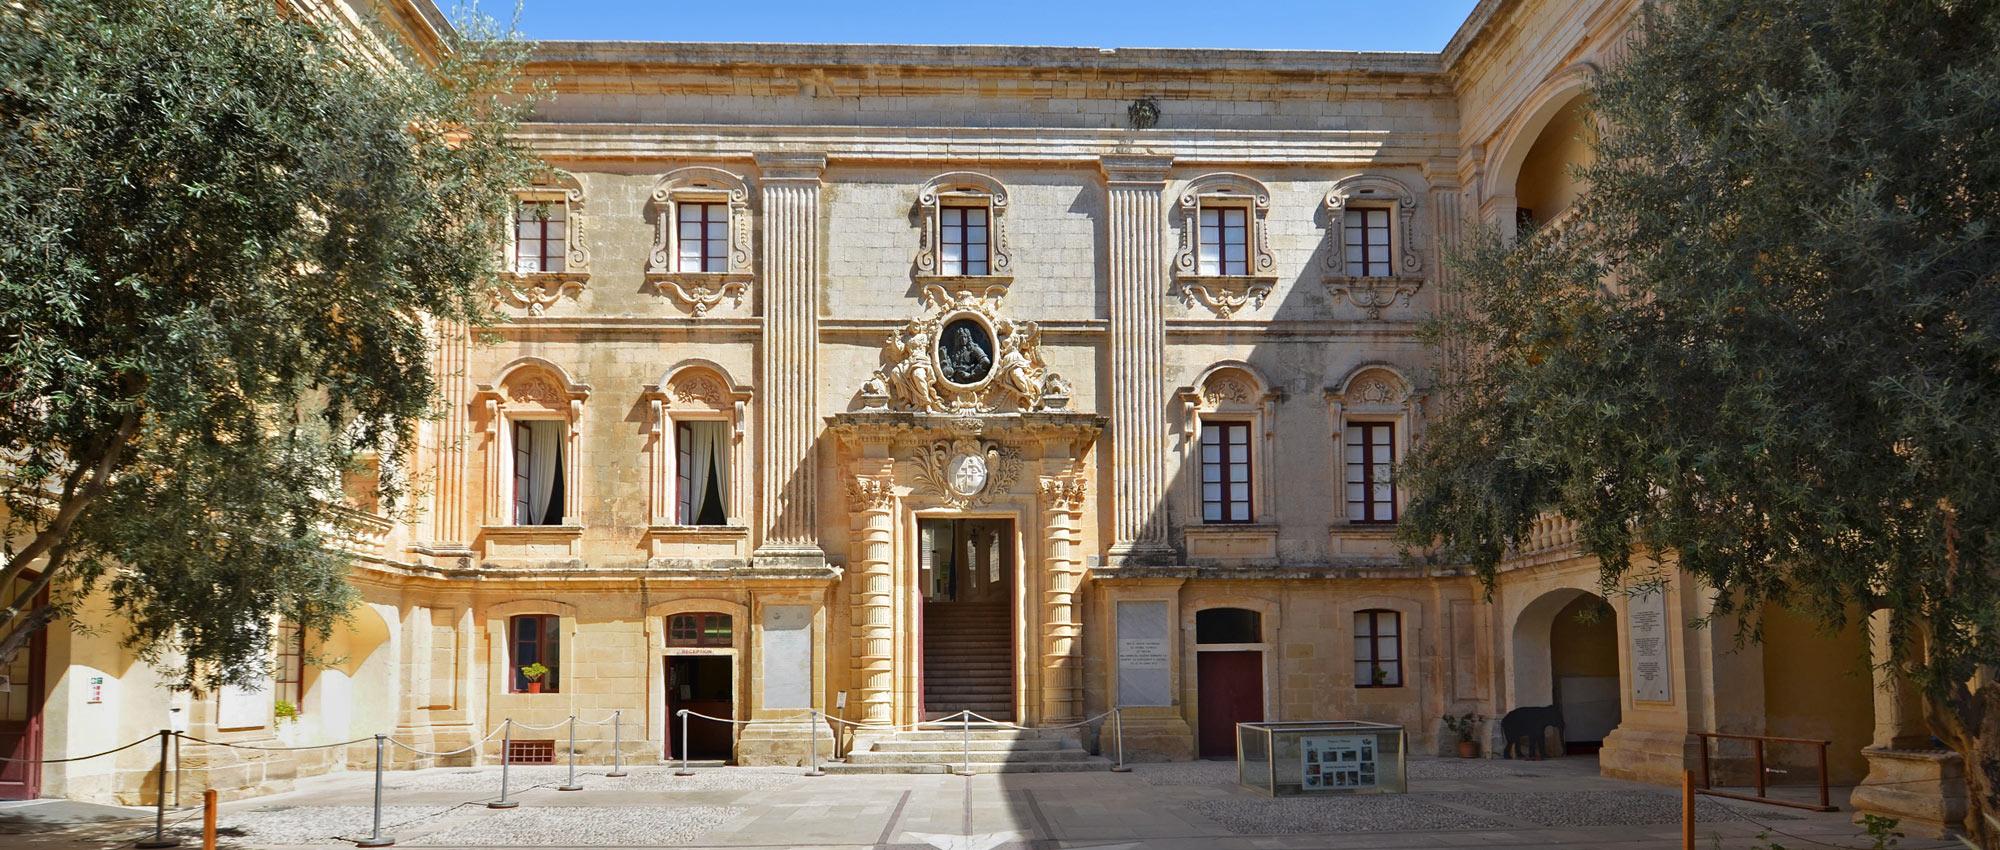 Nationalmuseum für Naturgeschichte, Mdina